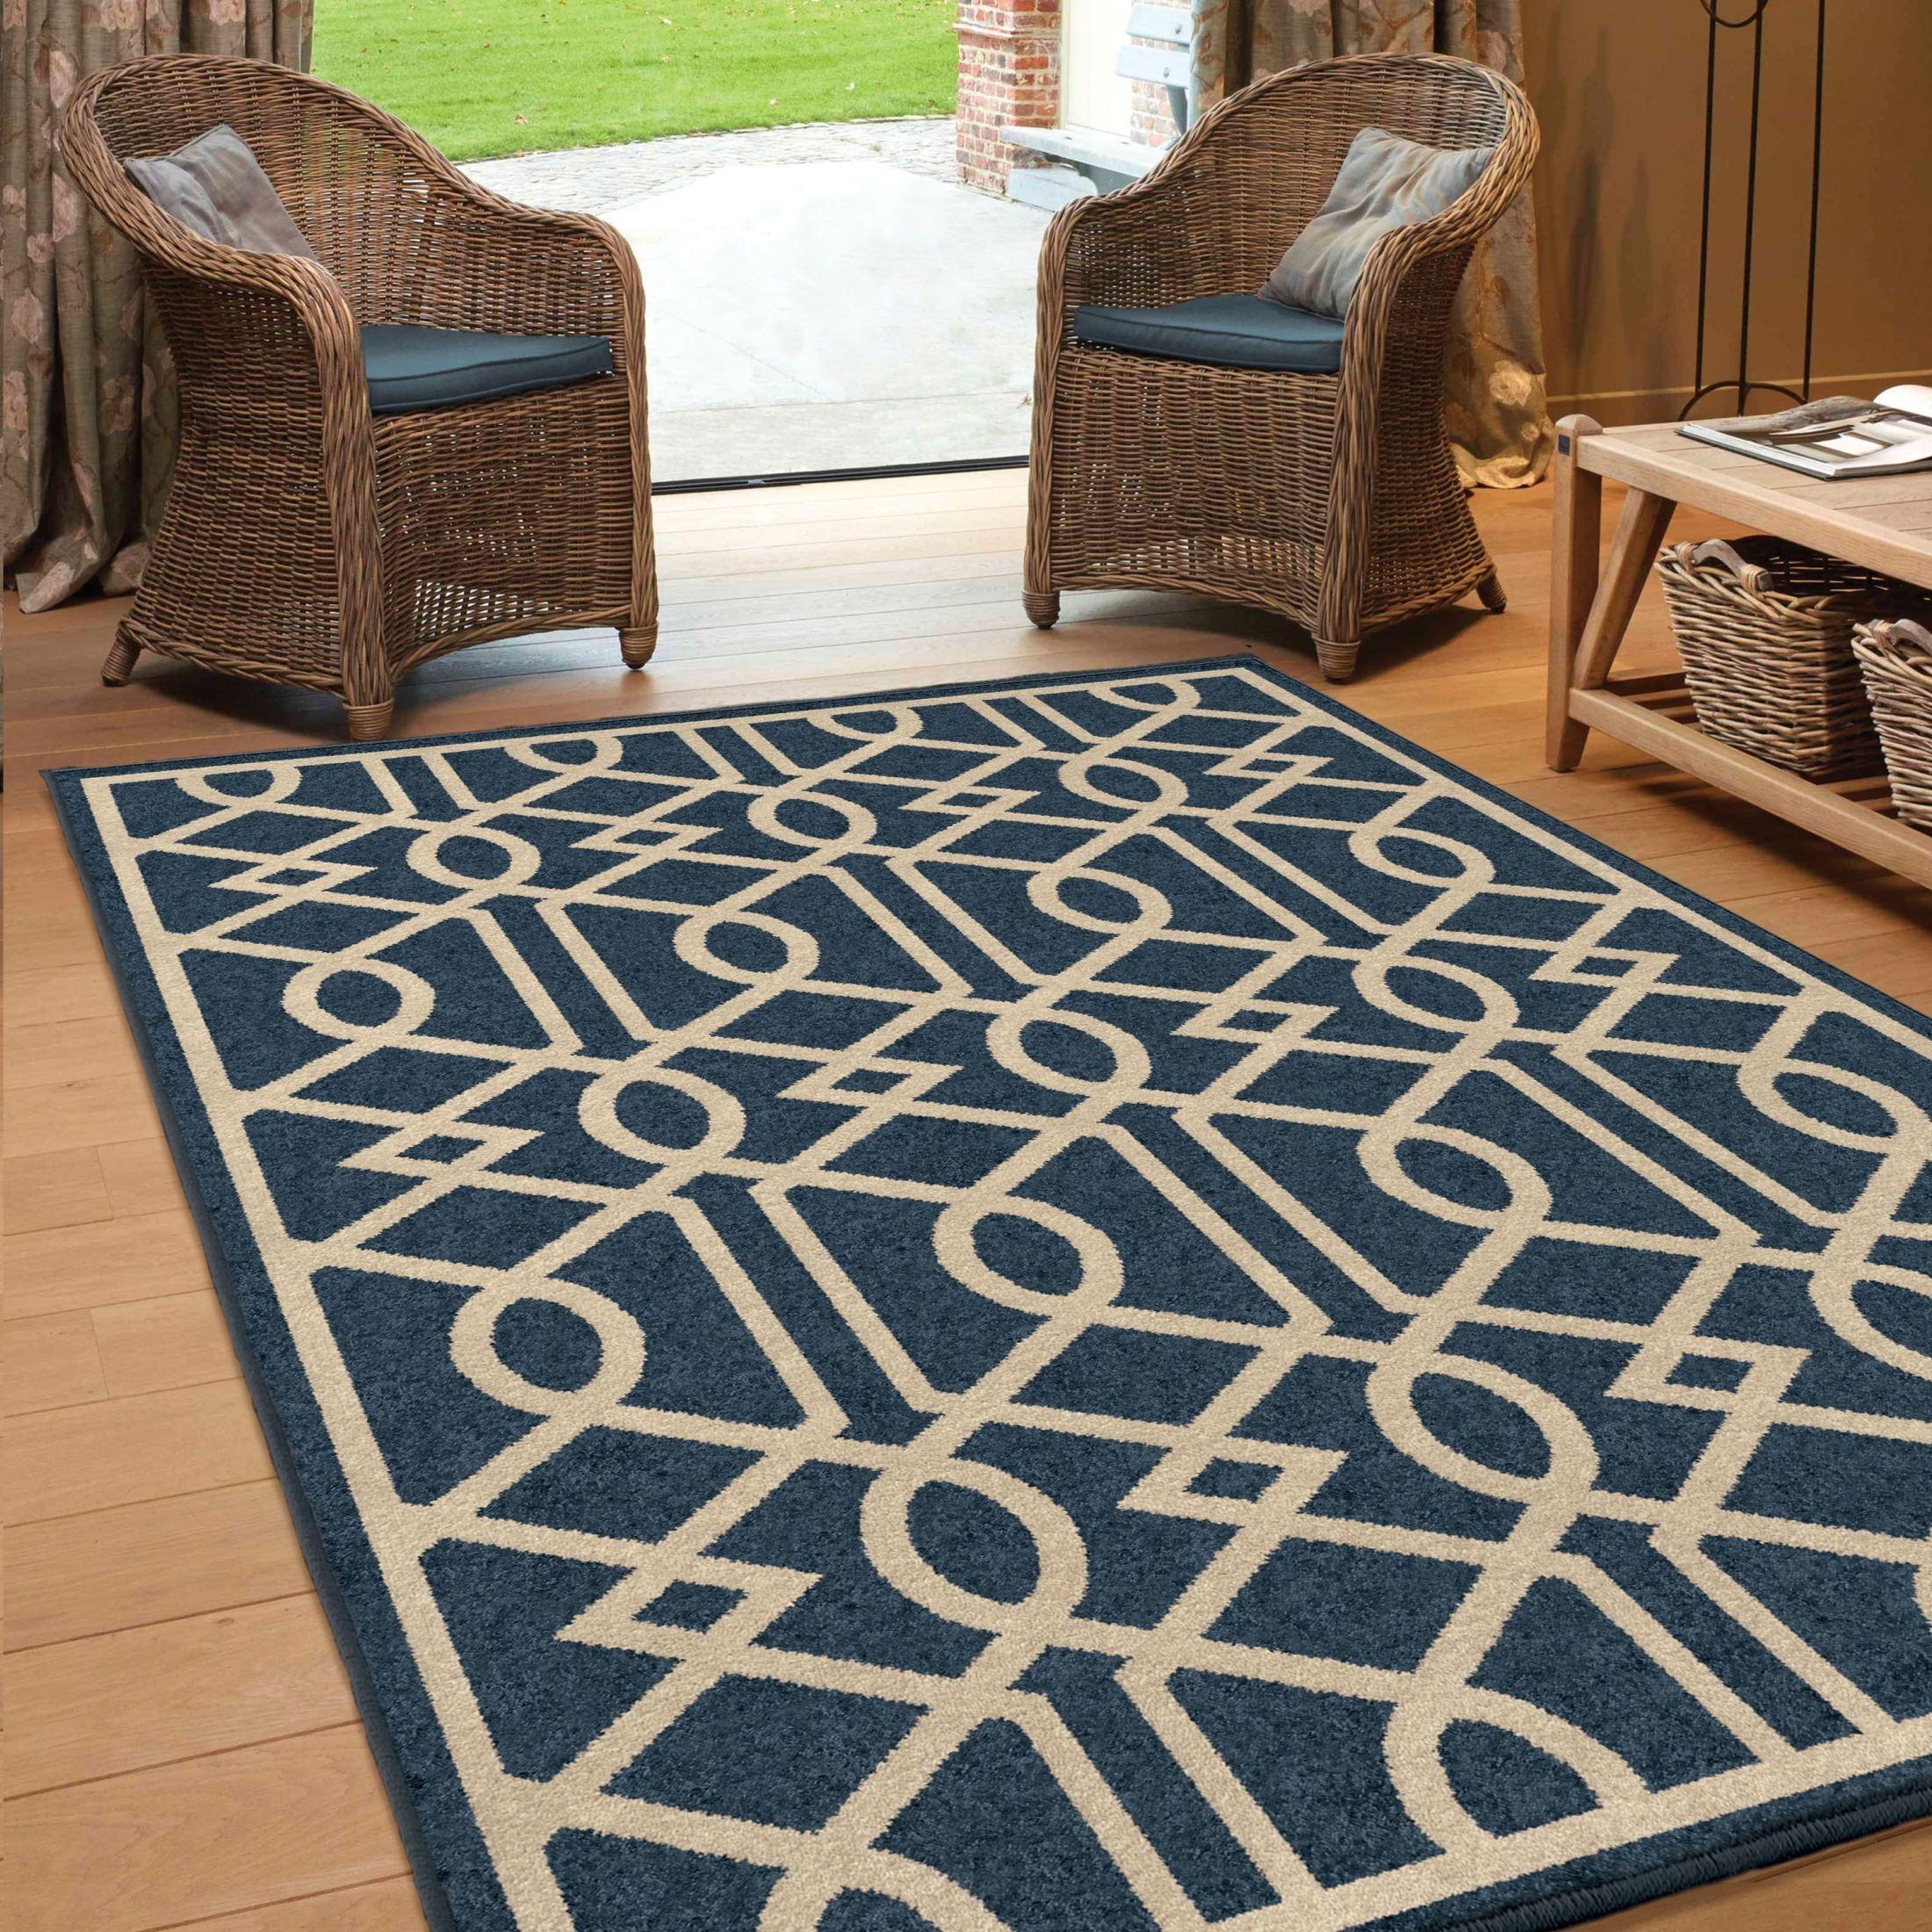 Indoor outdoor rugs beautiful photos of wayfair indoor for Outdoor rugs on sale discount